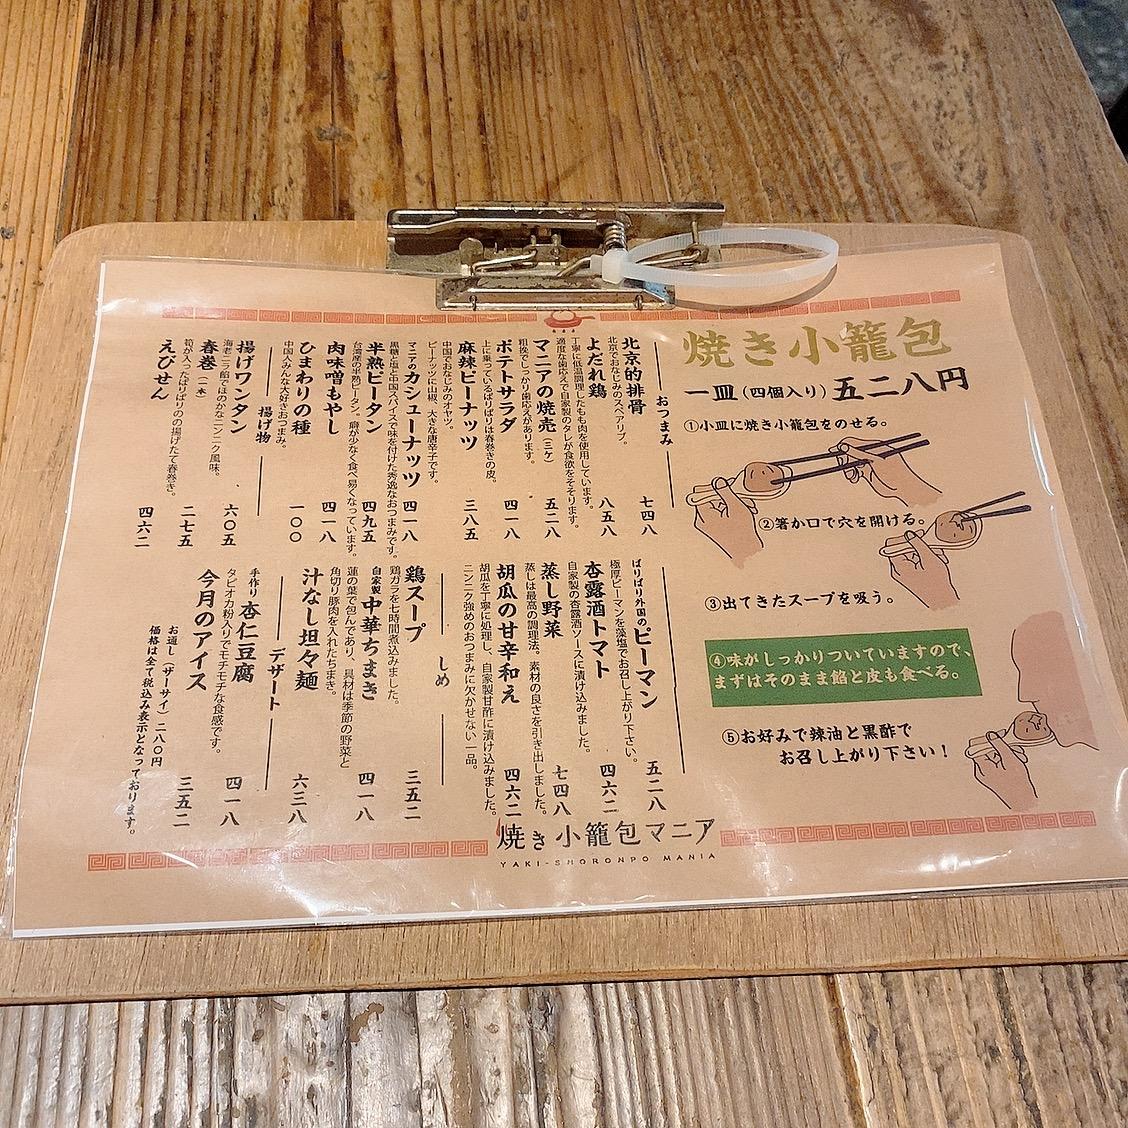 【新橋】小龍包好き必見!コスパ良し!焼き小籠包マニアに行ってきました!_3